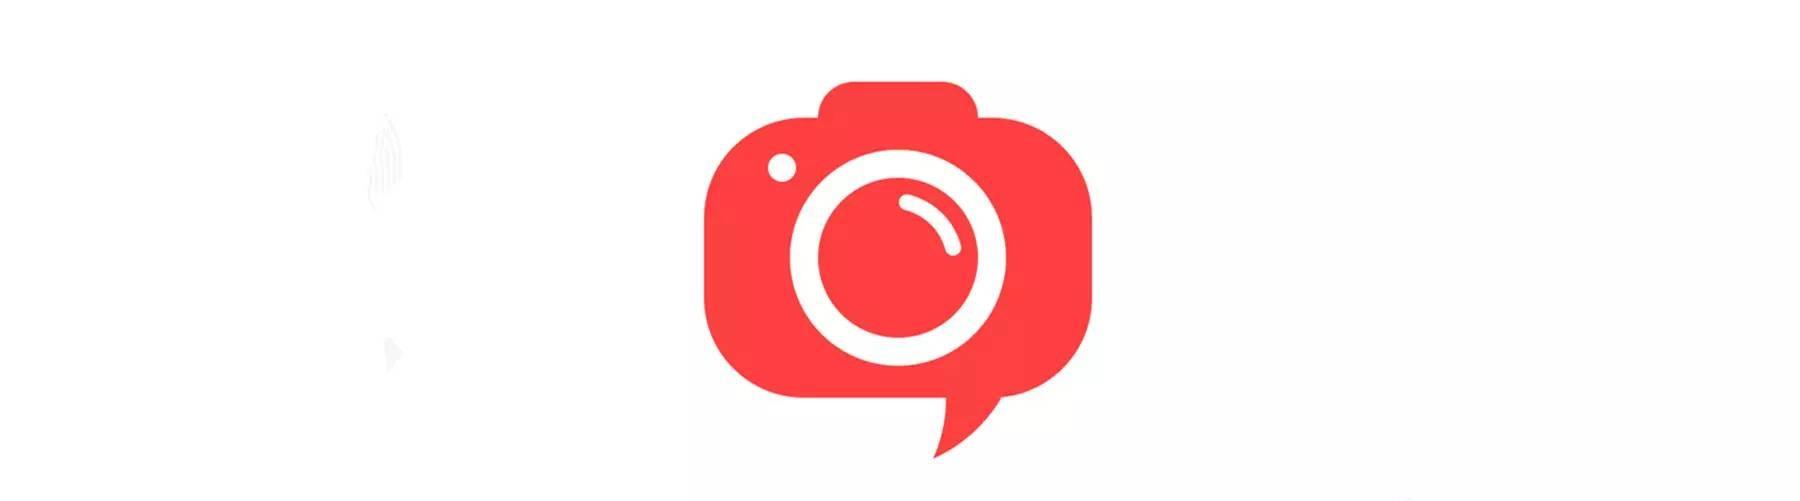 logo logo 标志 设计 矢量 矢量图 素材 图标 1800_501